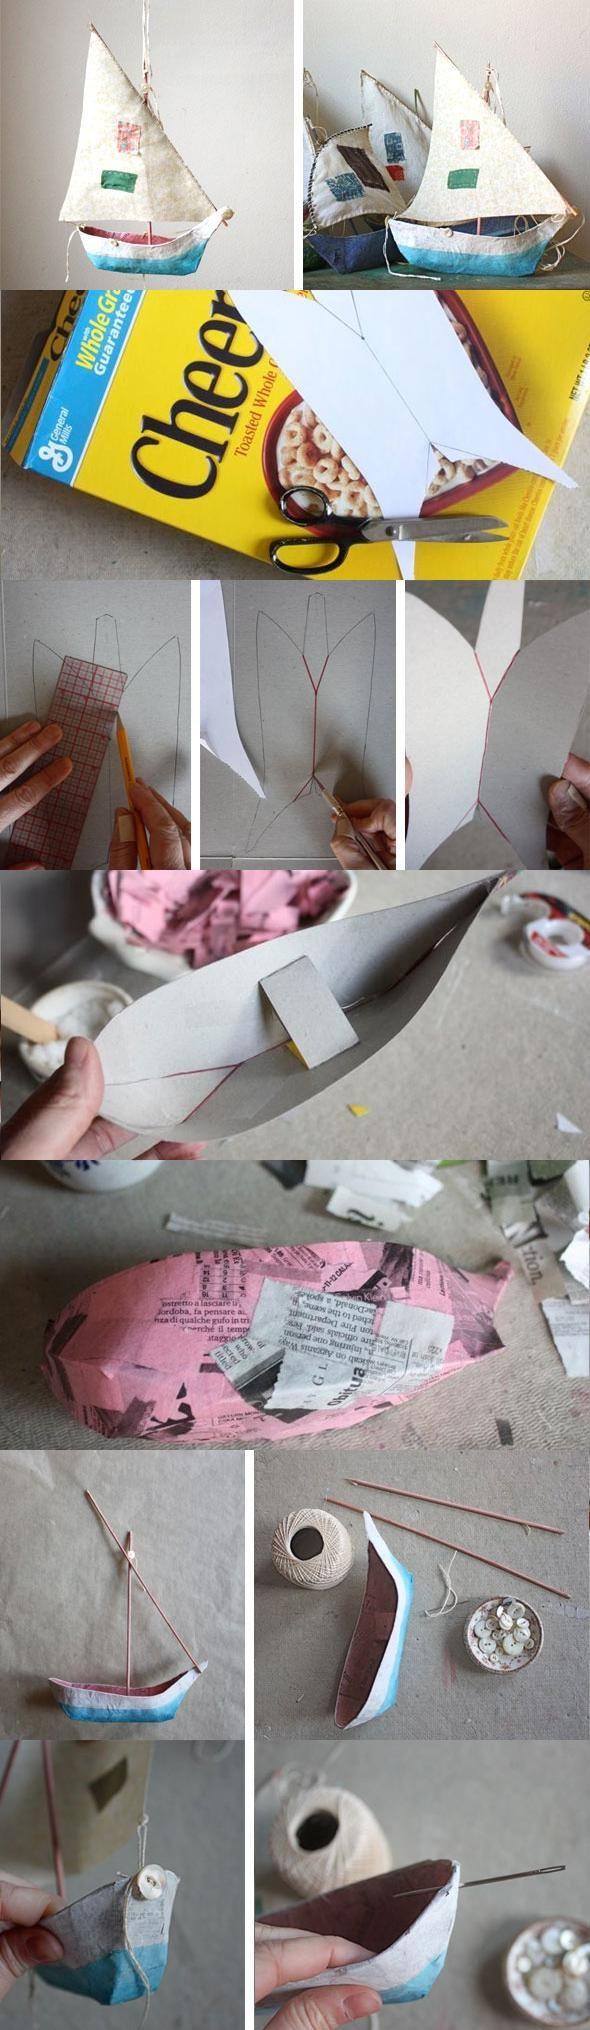 Transportes: barquitos de cartón y papel mache